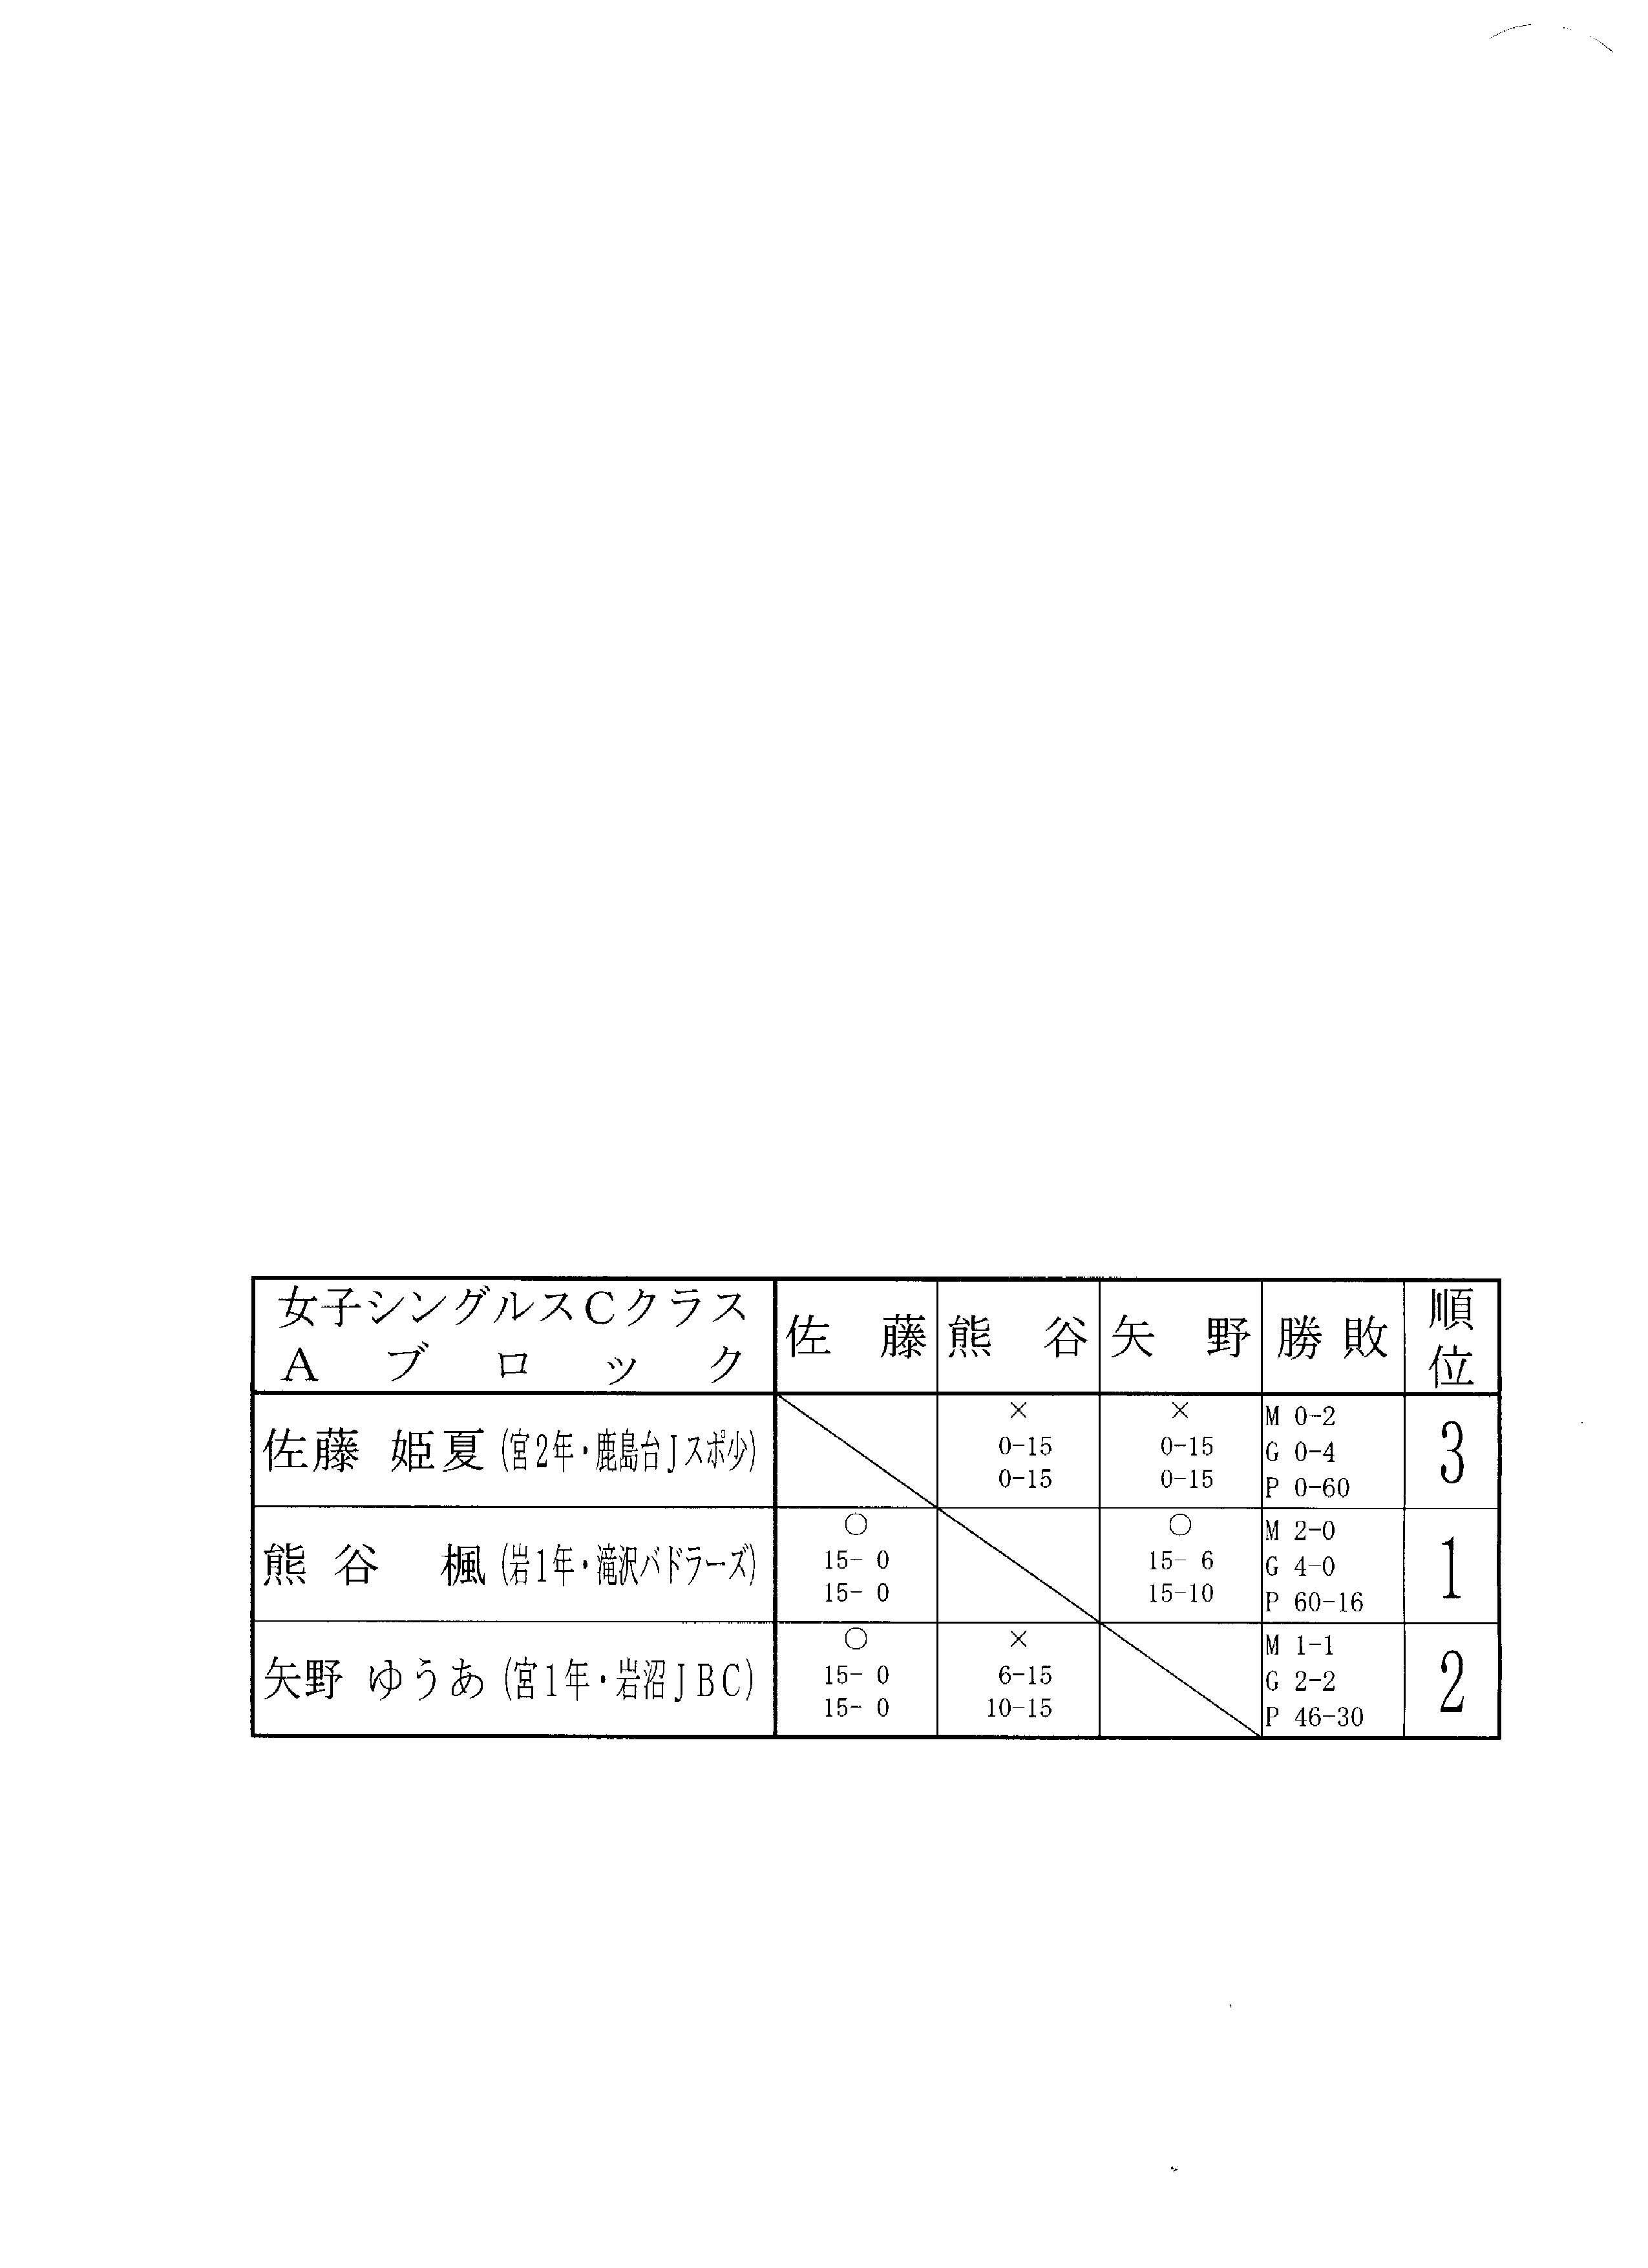 タカハシ杯結果 女子Cクラス_f0236646_14441458.jpg